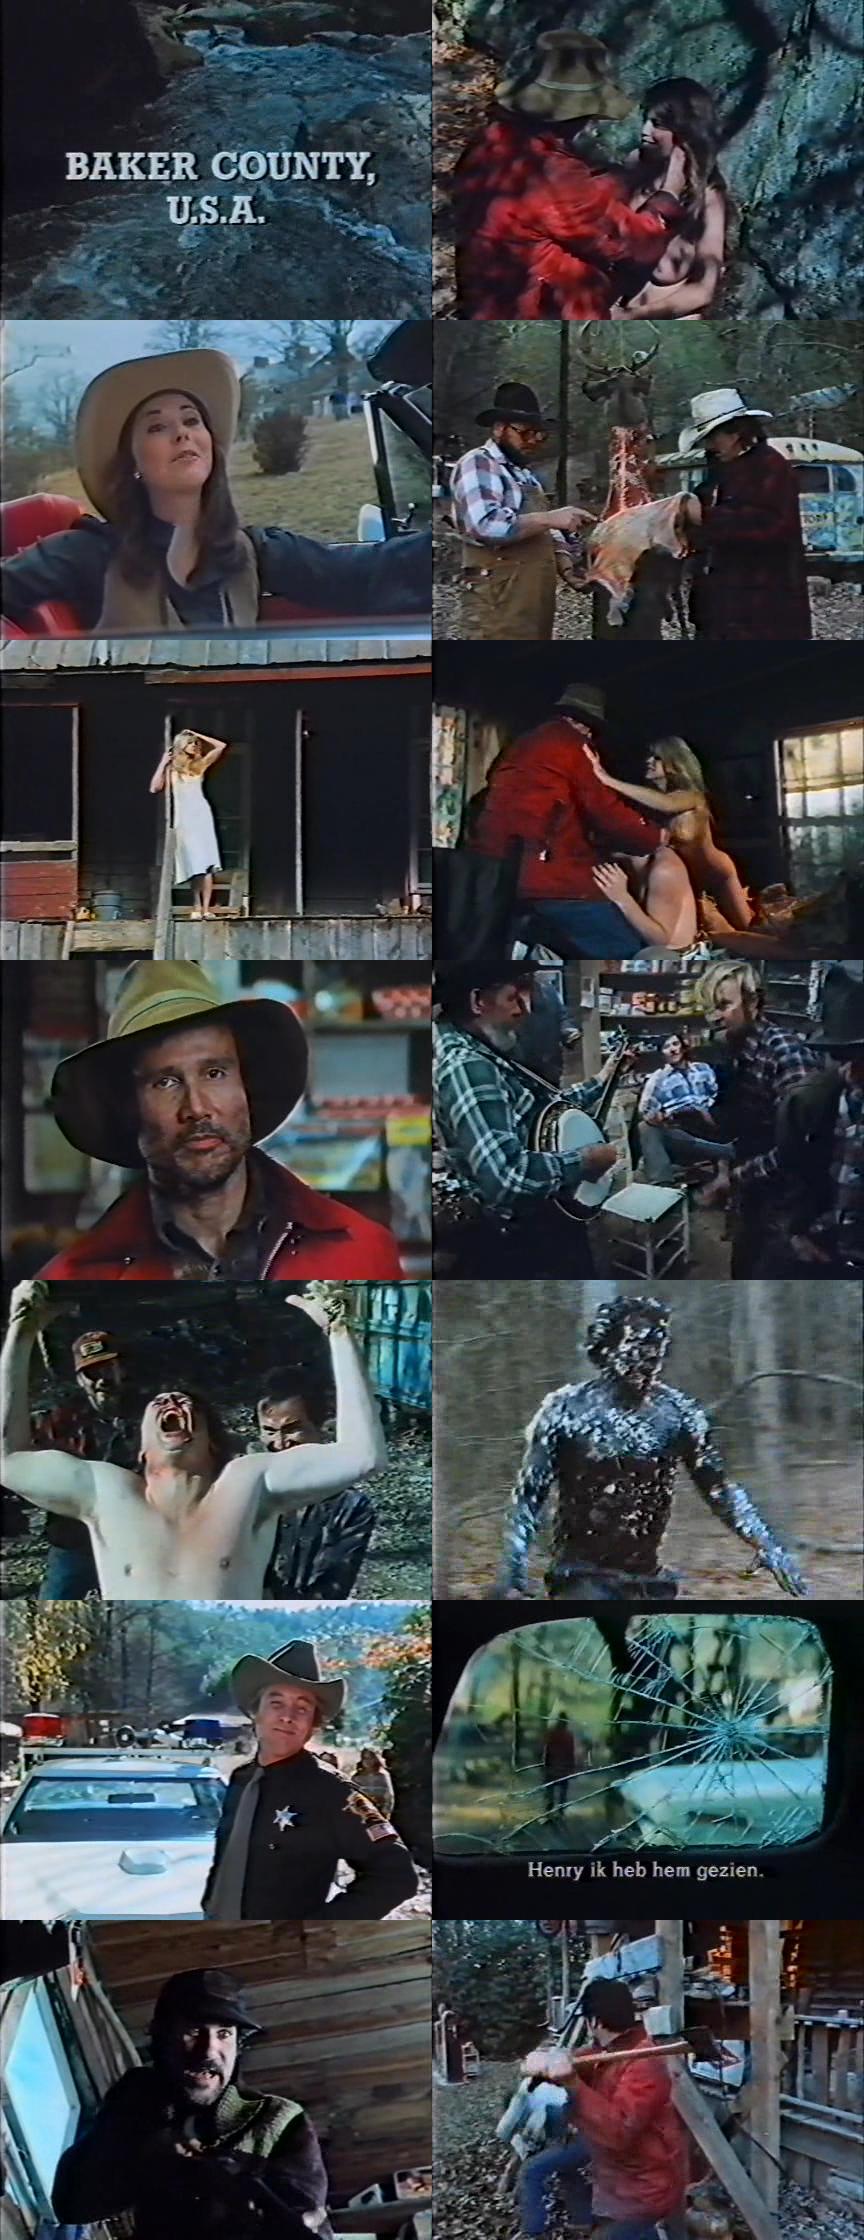 Baker County, U.S.A. movie